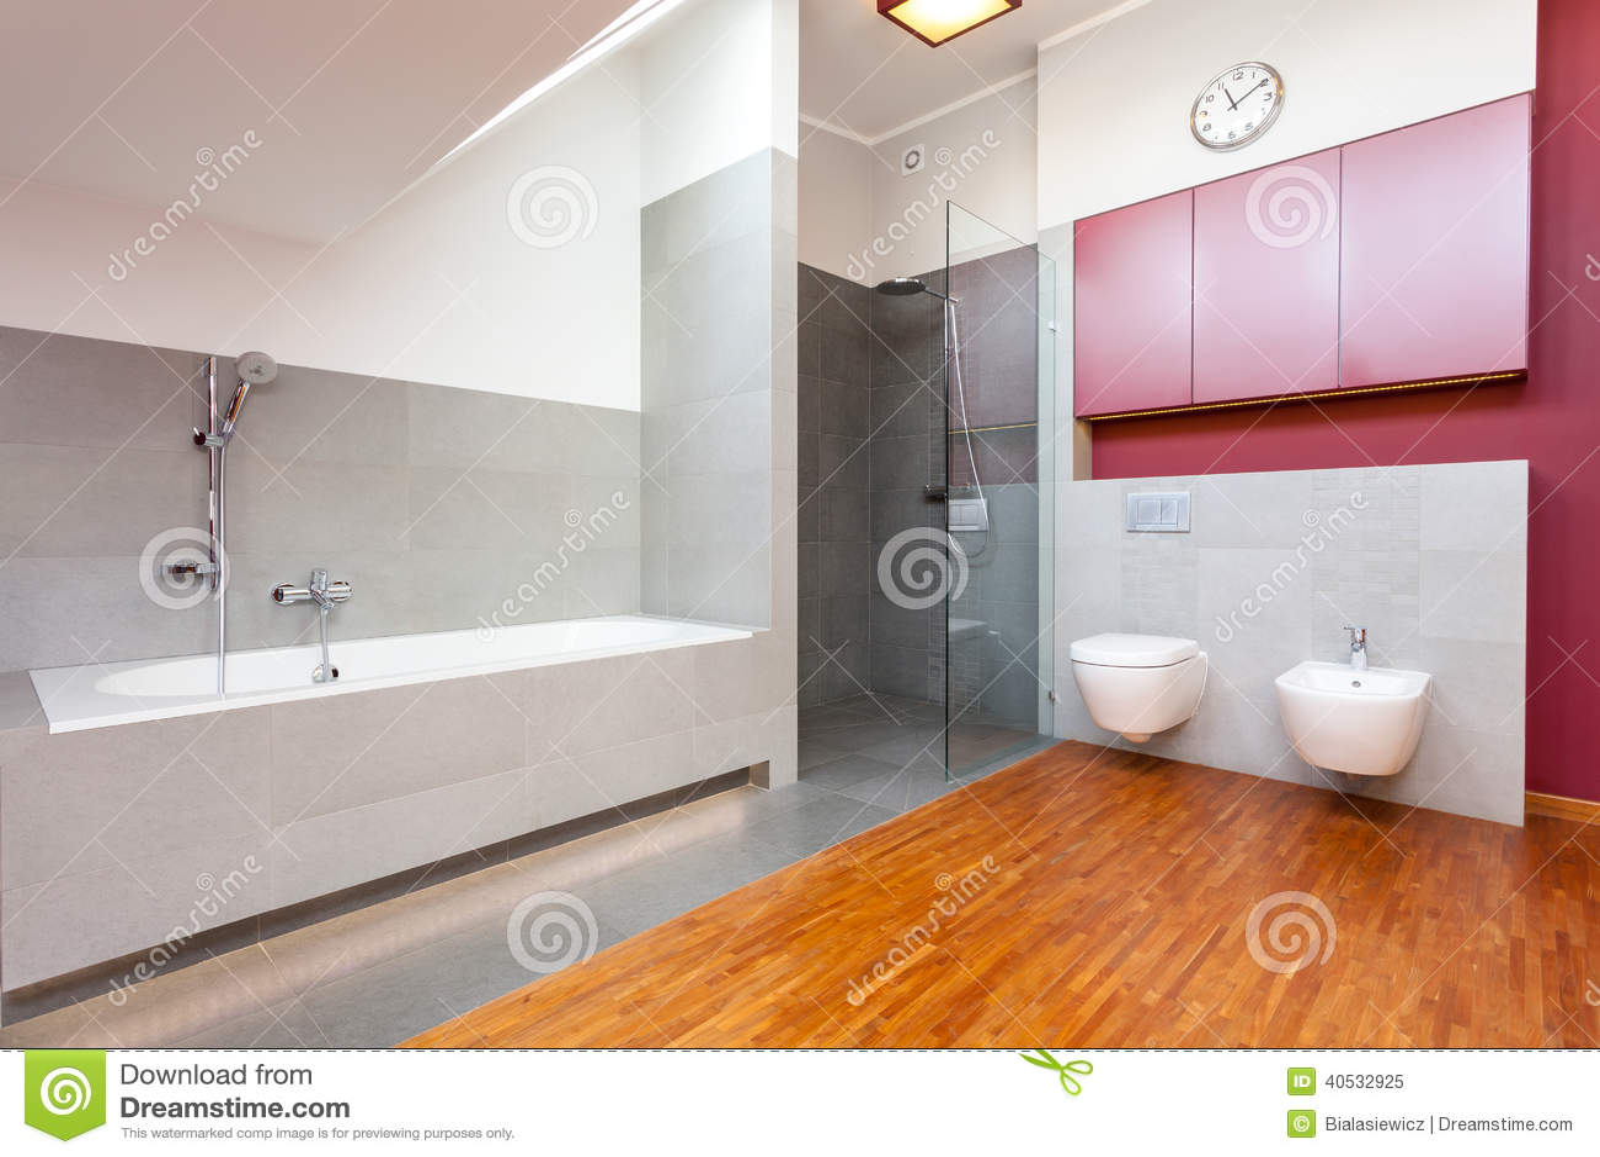 Bagno moderno rosso e grigio immagine stock immagine di - Bagno moderno grigio ...